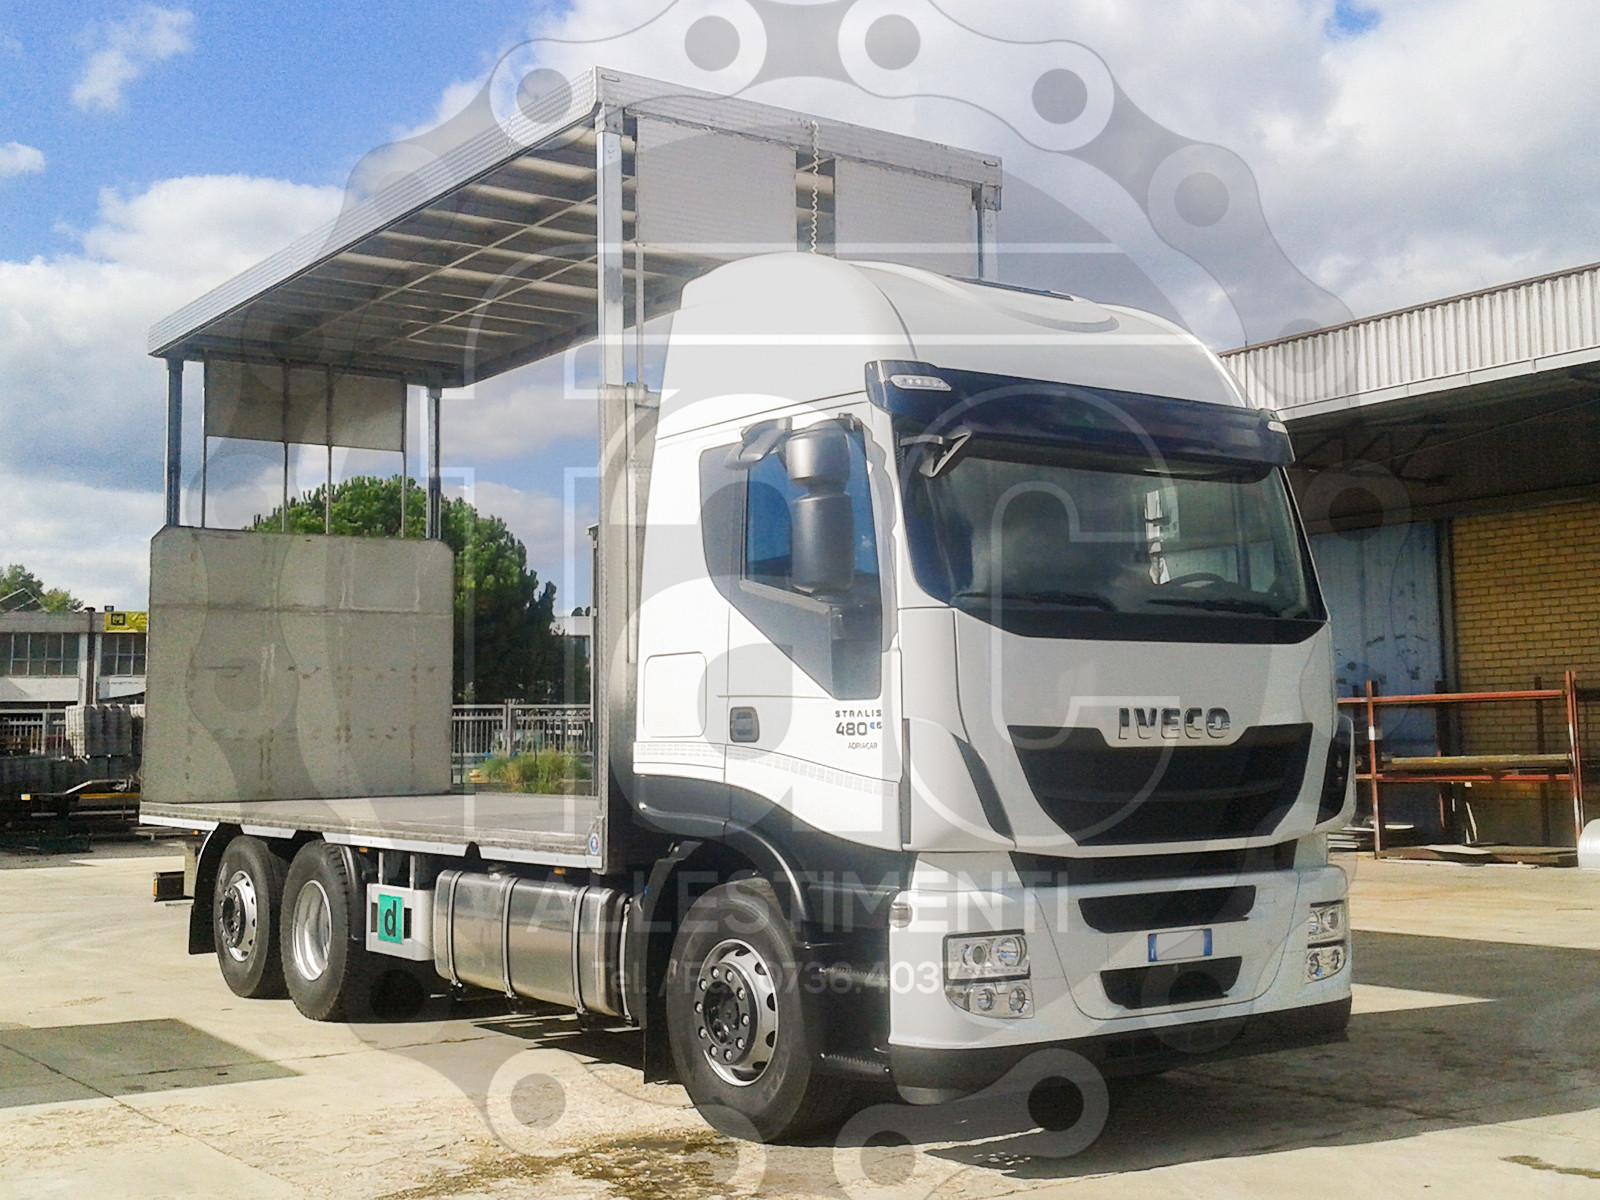 Realizzazione di camion per trasporto animali vivi 16